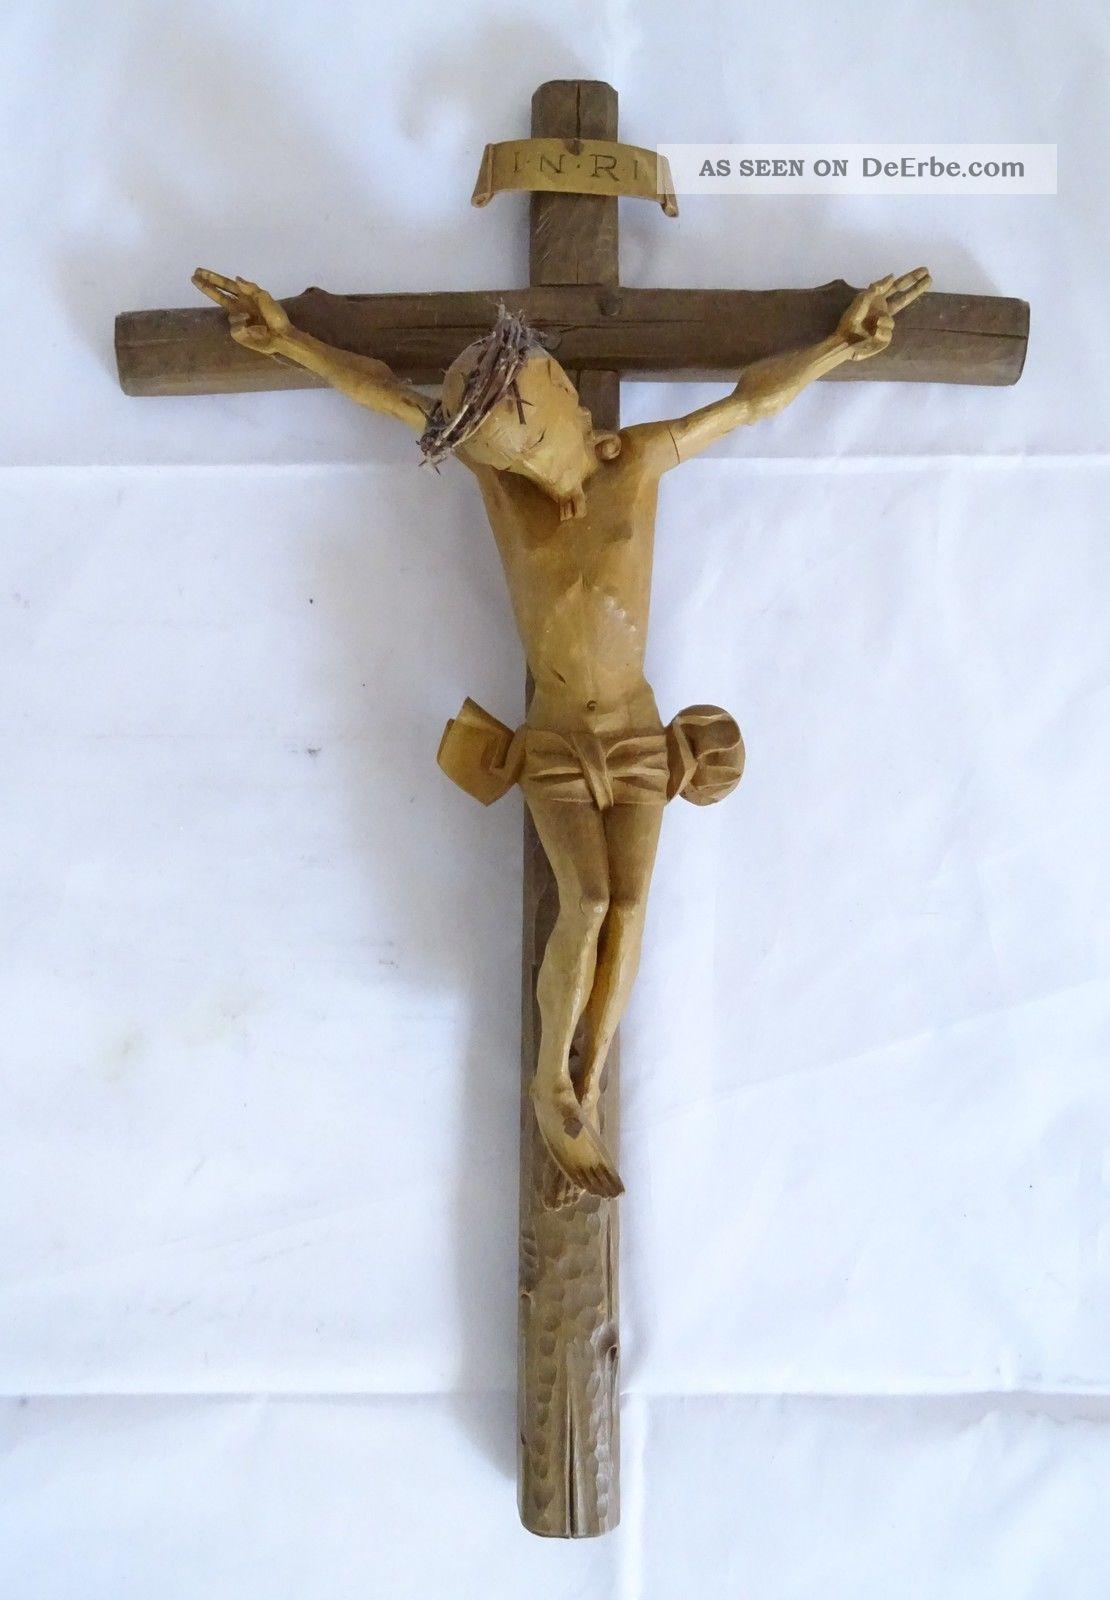 Sehr Frühes Antikes Inri Kruzifix Handgeschnitzt Wohl Vor 1900 Skulpturen & Kruzifixe Bild